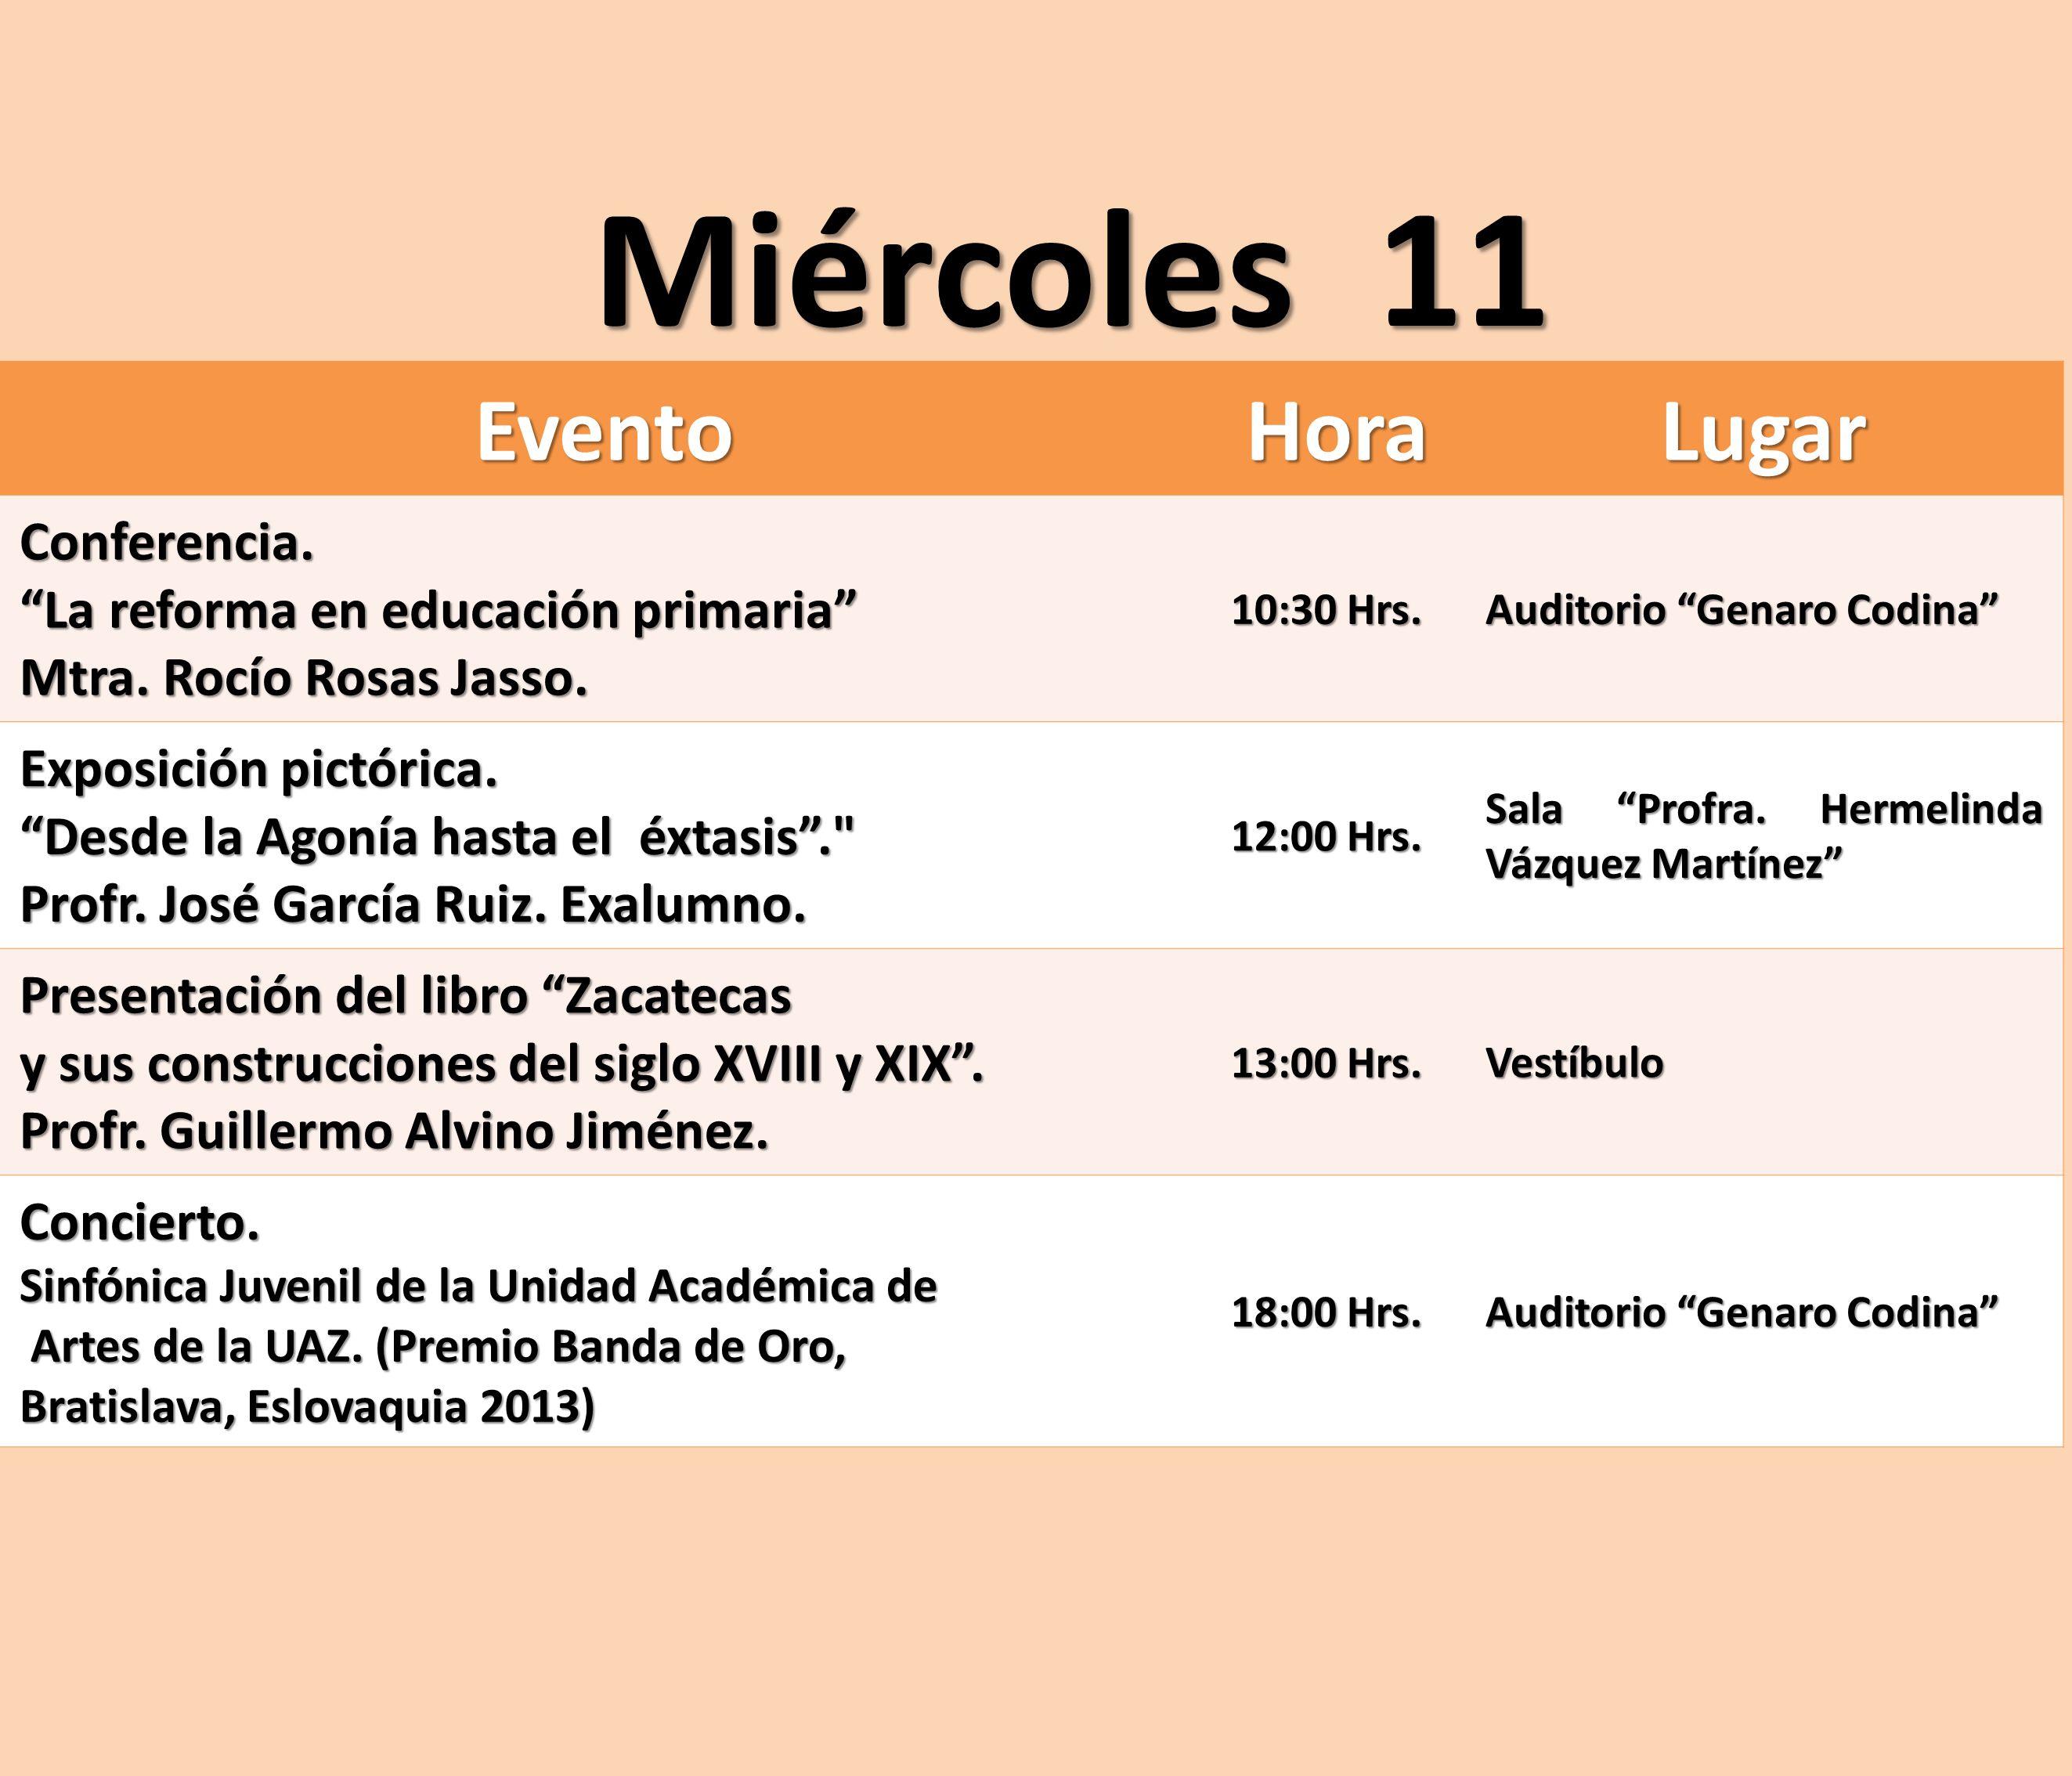 EventoHoraLugar Conferencia. La reforma en educación primaria Mtra. Rocío Rosas Jasso. 10:30 Hrs. Auditorio Genaro Codina Exposición pictórica. Desde